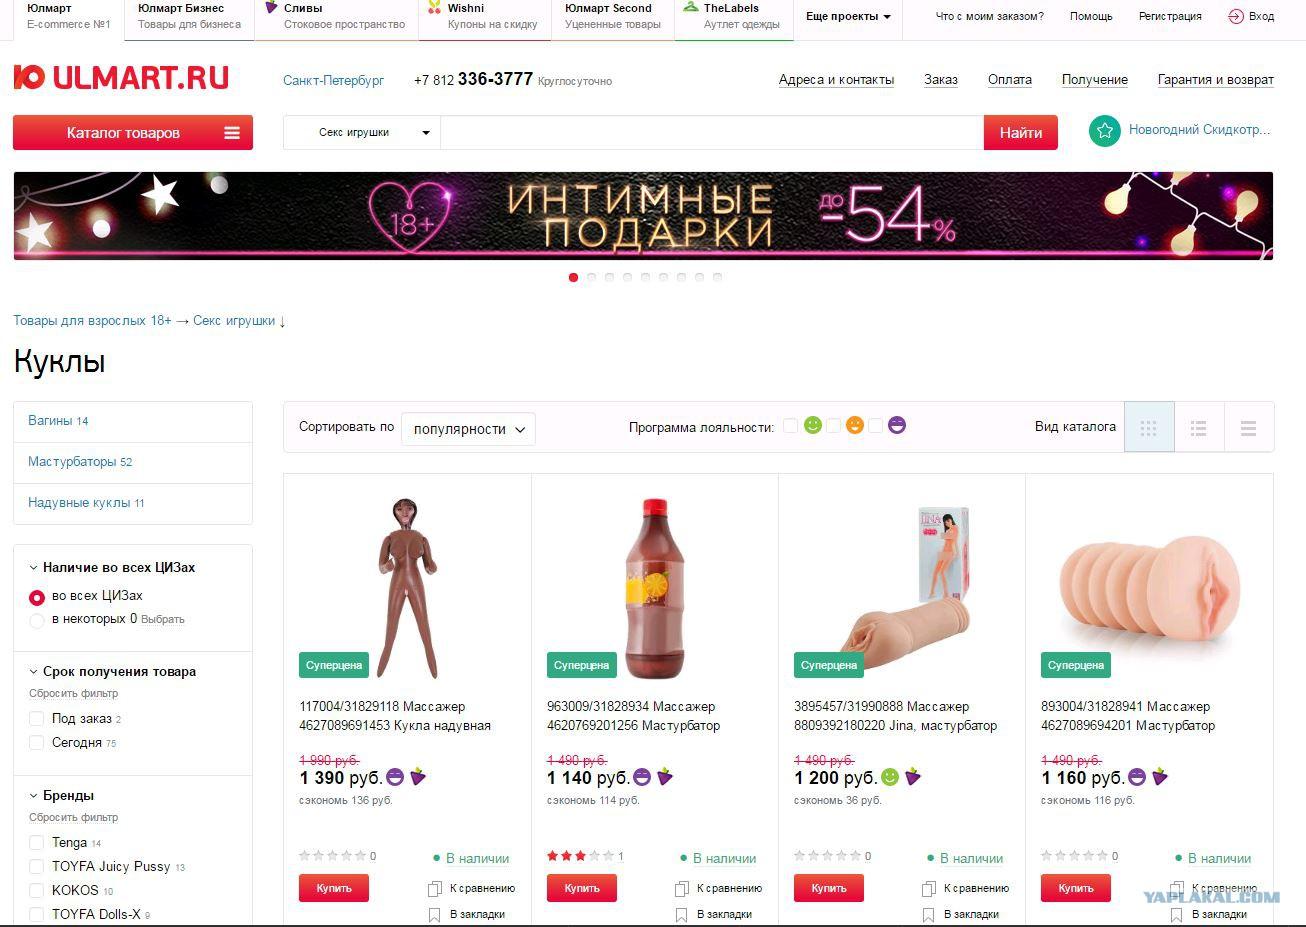 Как рекламировать интим магазин в google chrome постоянно выскакивает реклама в браузере